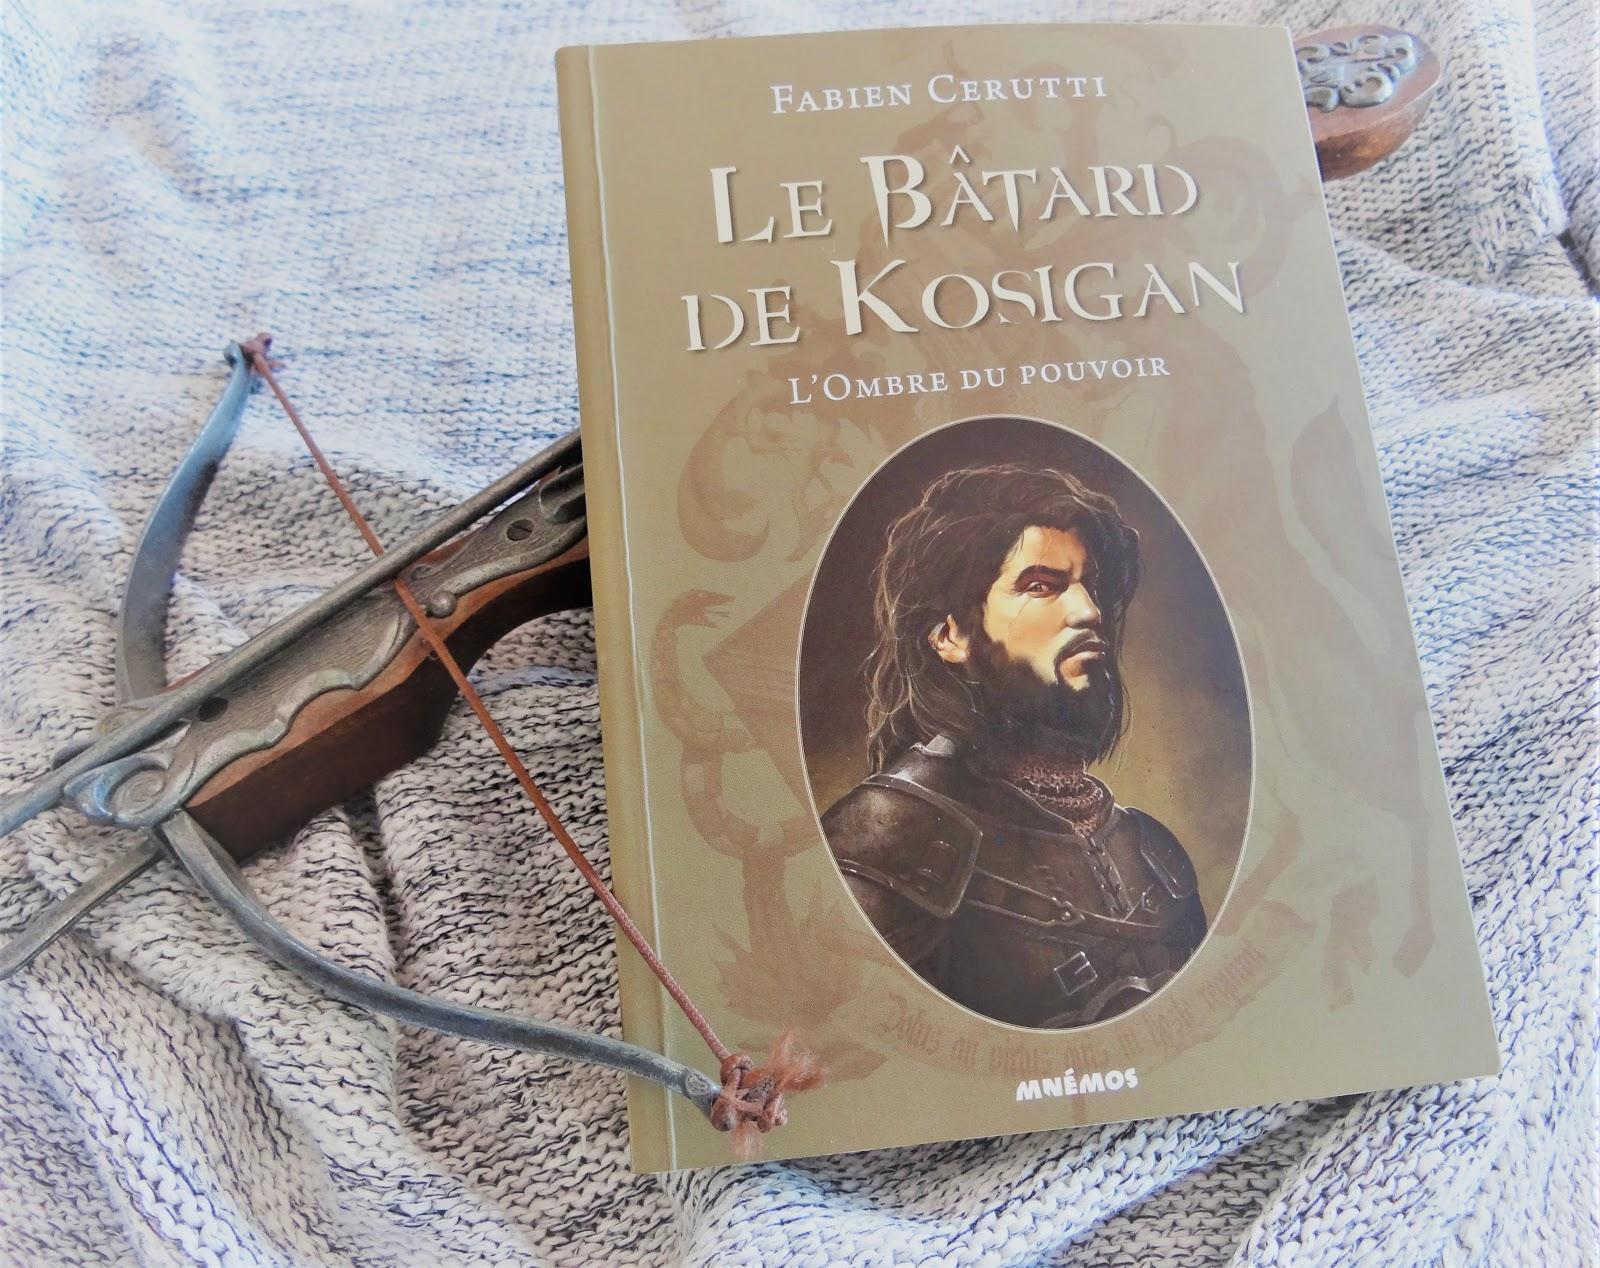 Chuuuut Maman Lit Le Batard De Kosigan Tome 1 De Fabien Cerutti Entre Histoire Et Fantasy